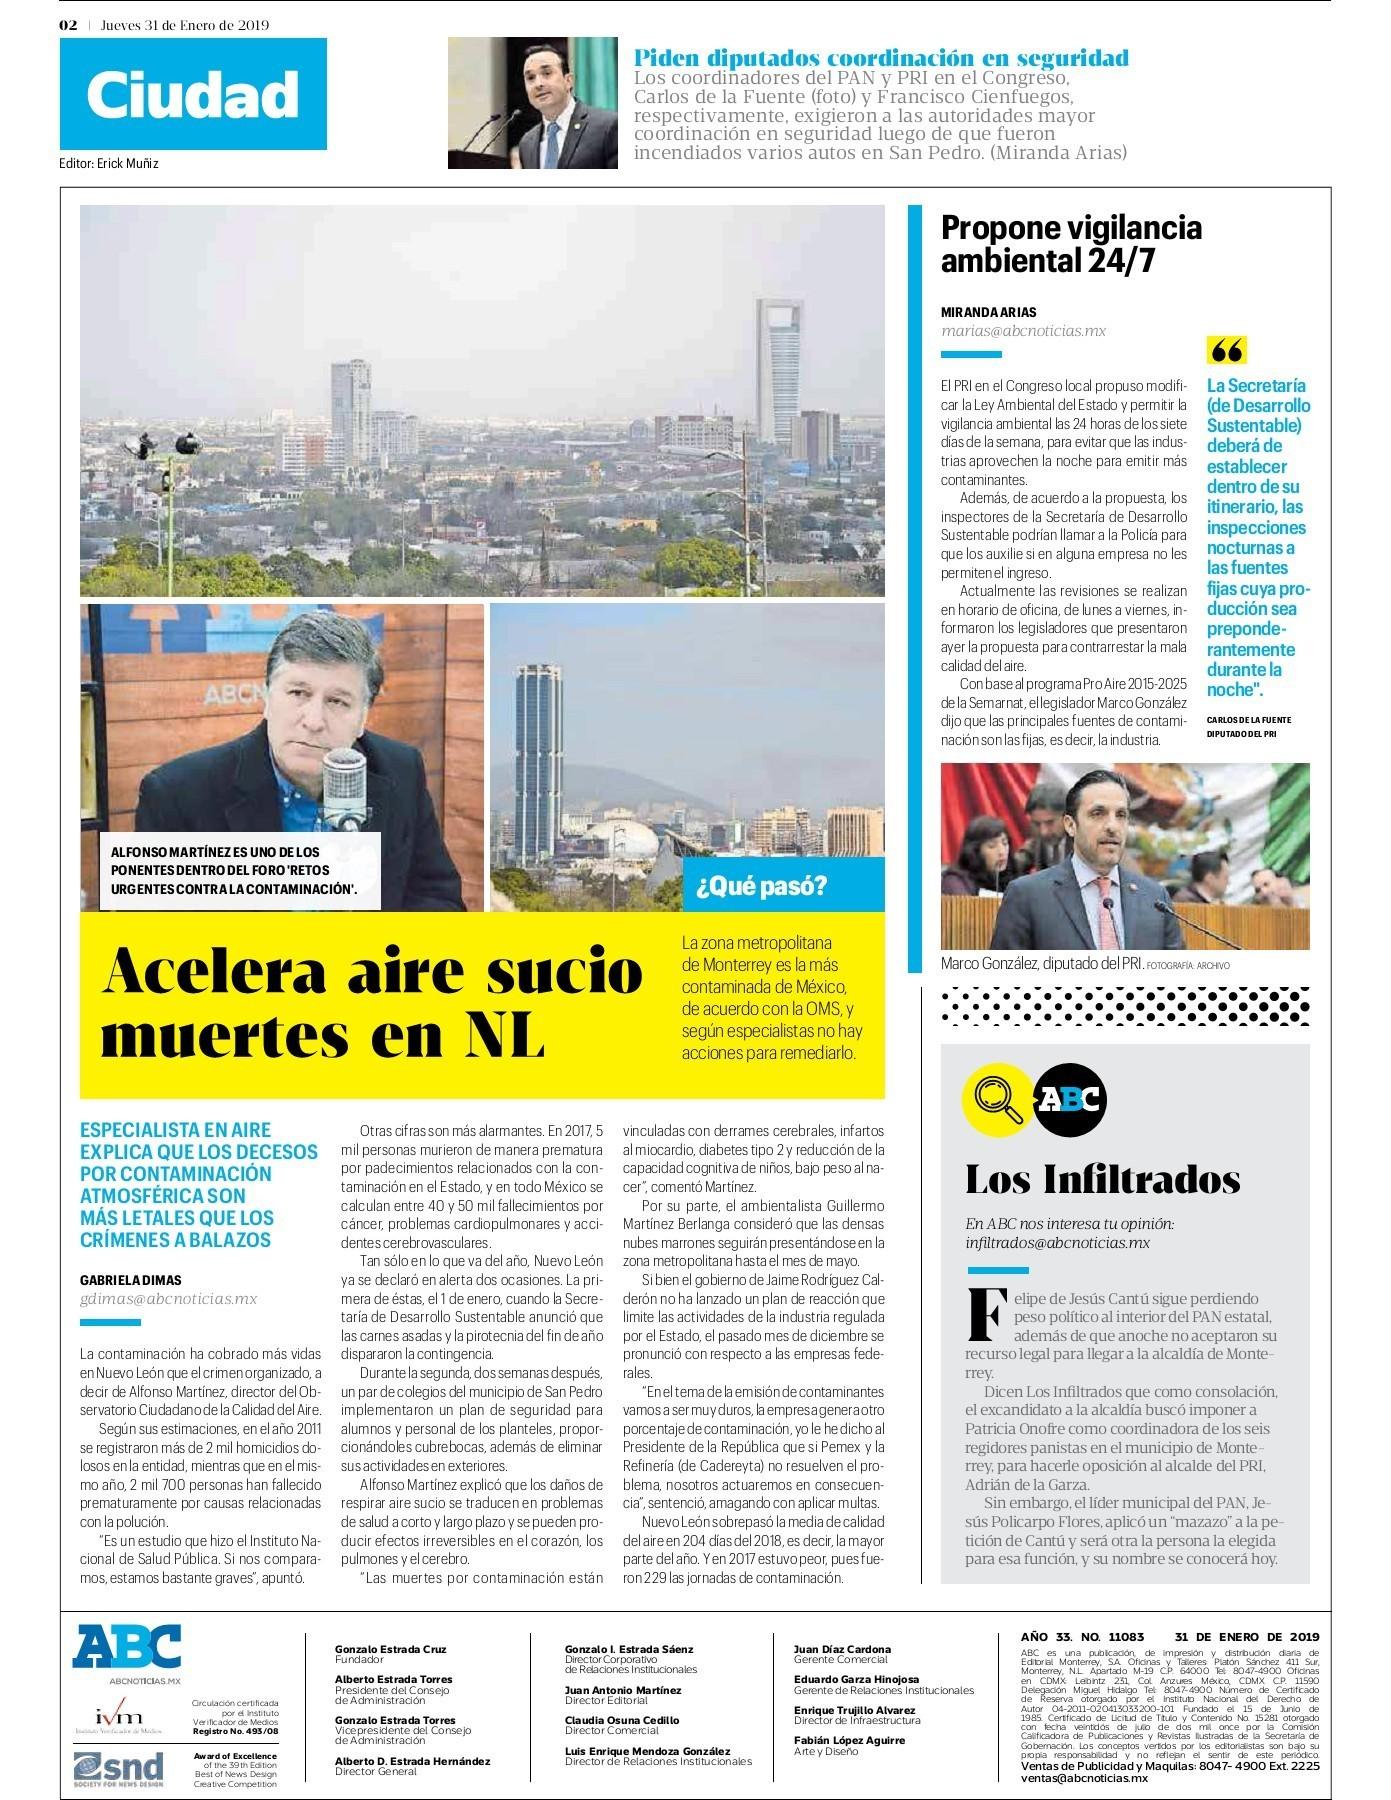 Calendario 2019 Mexico Con Semanas Cotizadas Imss Más Recientes Peri³dico Abc 31 De Enero De 2019 Pages 1 16 Text Version